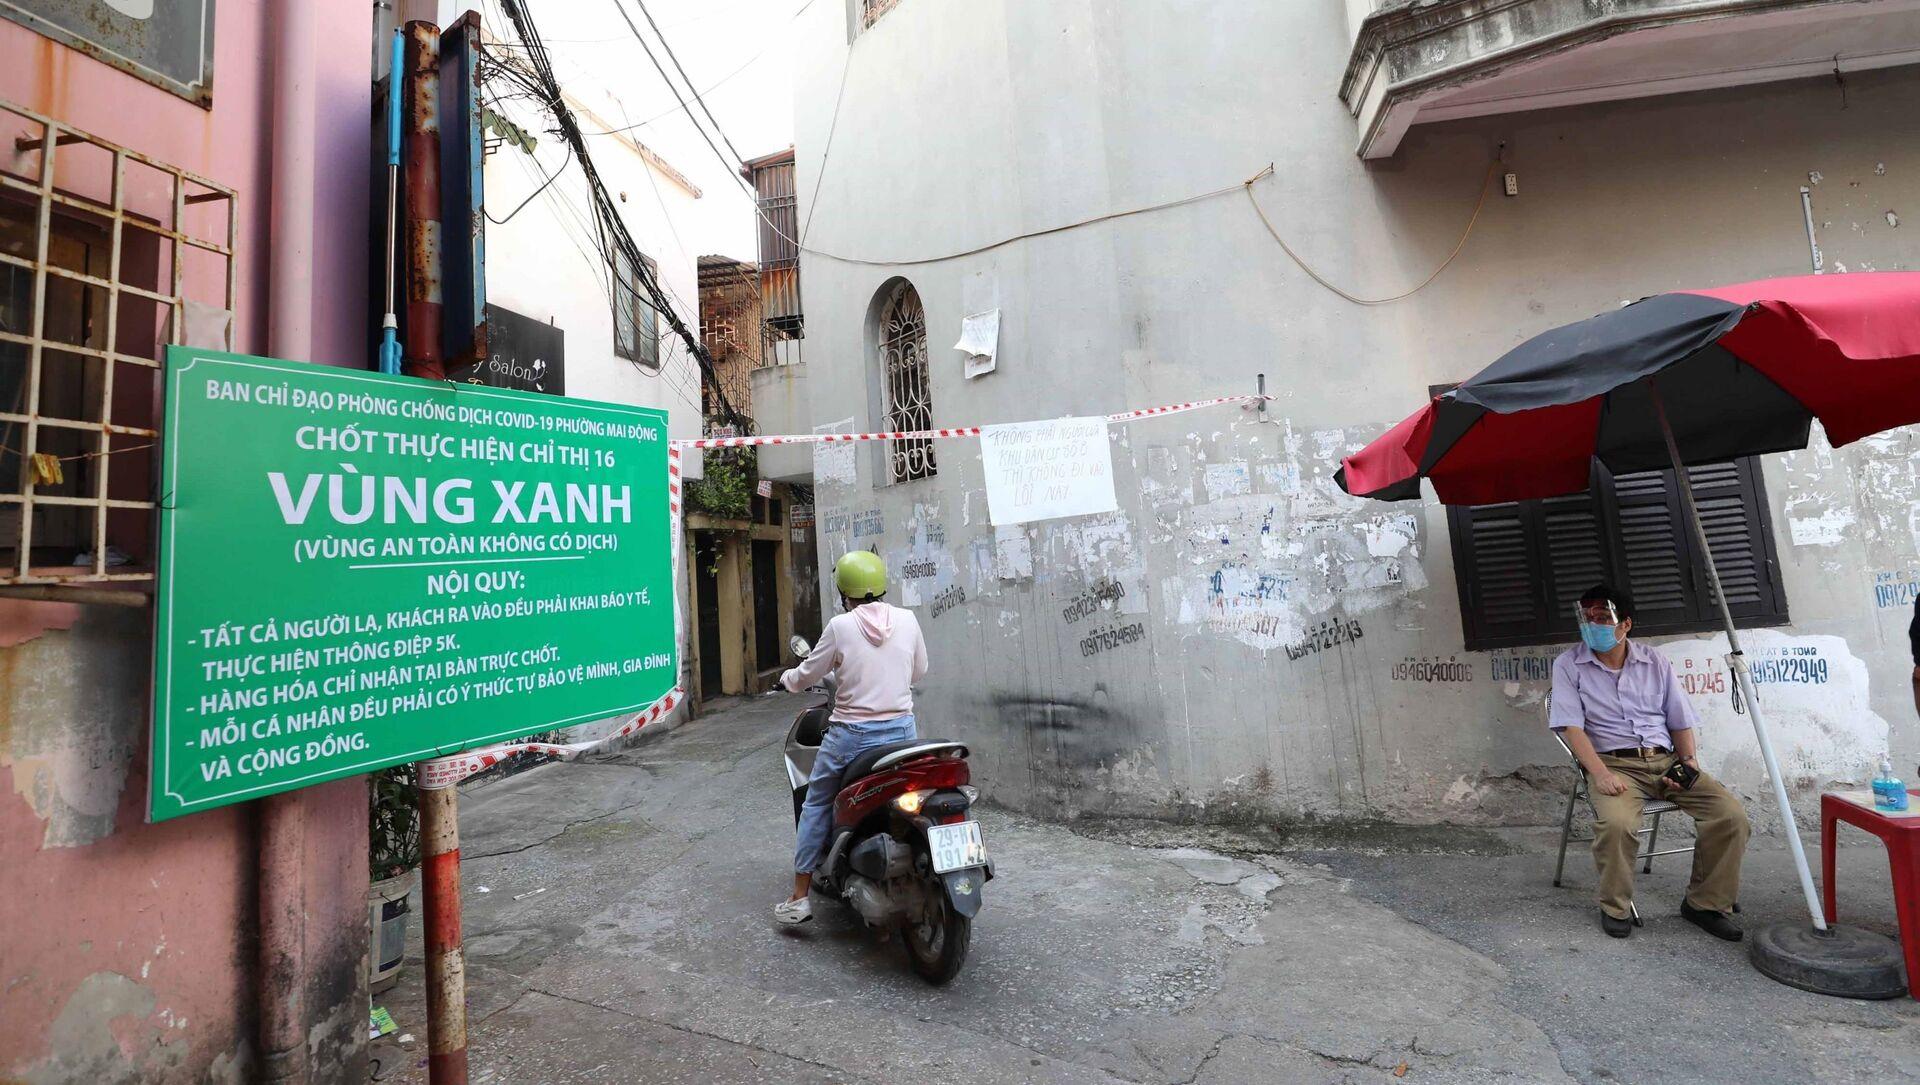 """Hà Nội bắt đầu thiết lập """"vùng xanh"""" nhằm chống lây nhiễm COVID-19 từ bên ngoài - Sputnik Việt Nam, 1920, 03.08.2021"""